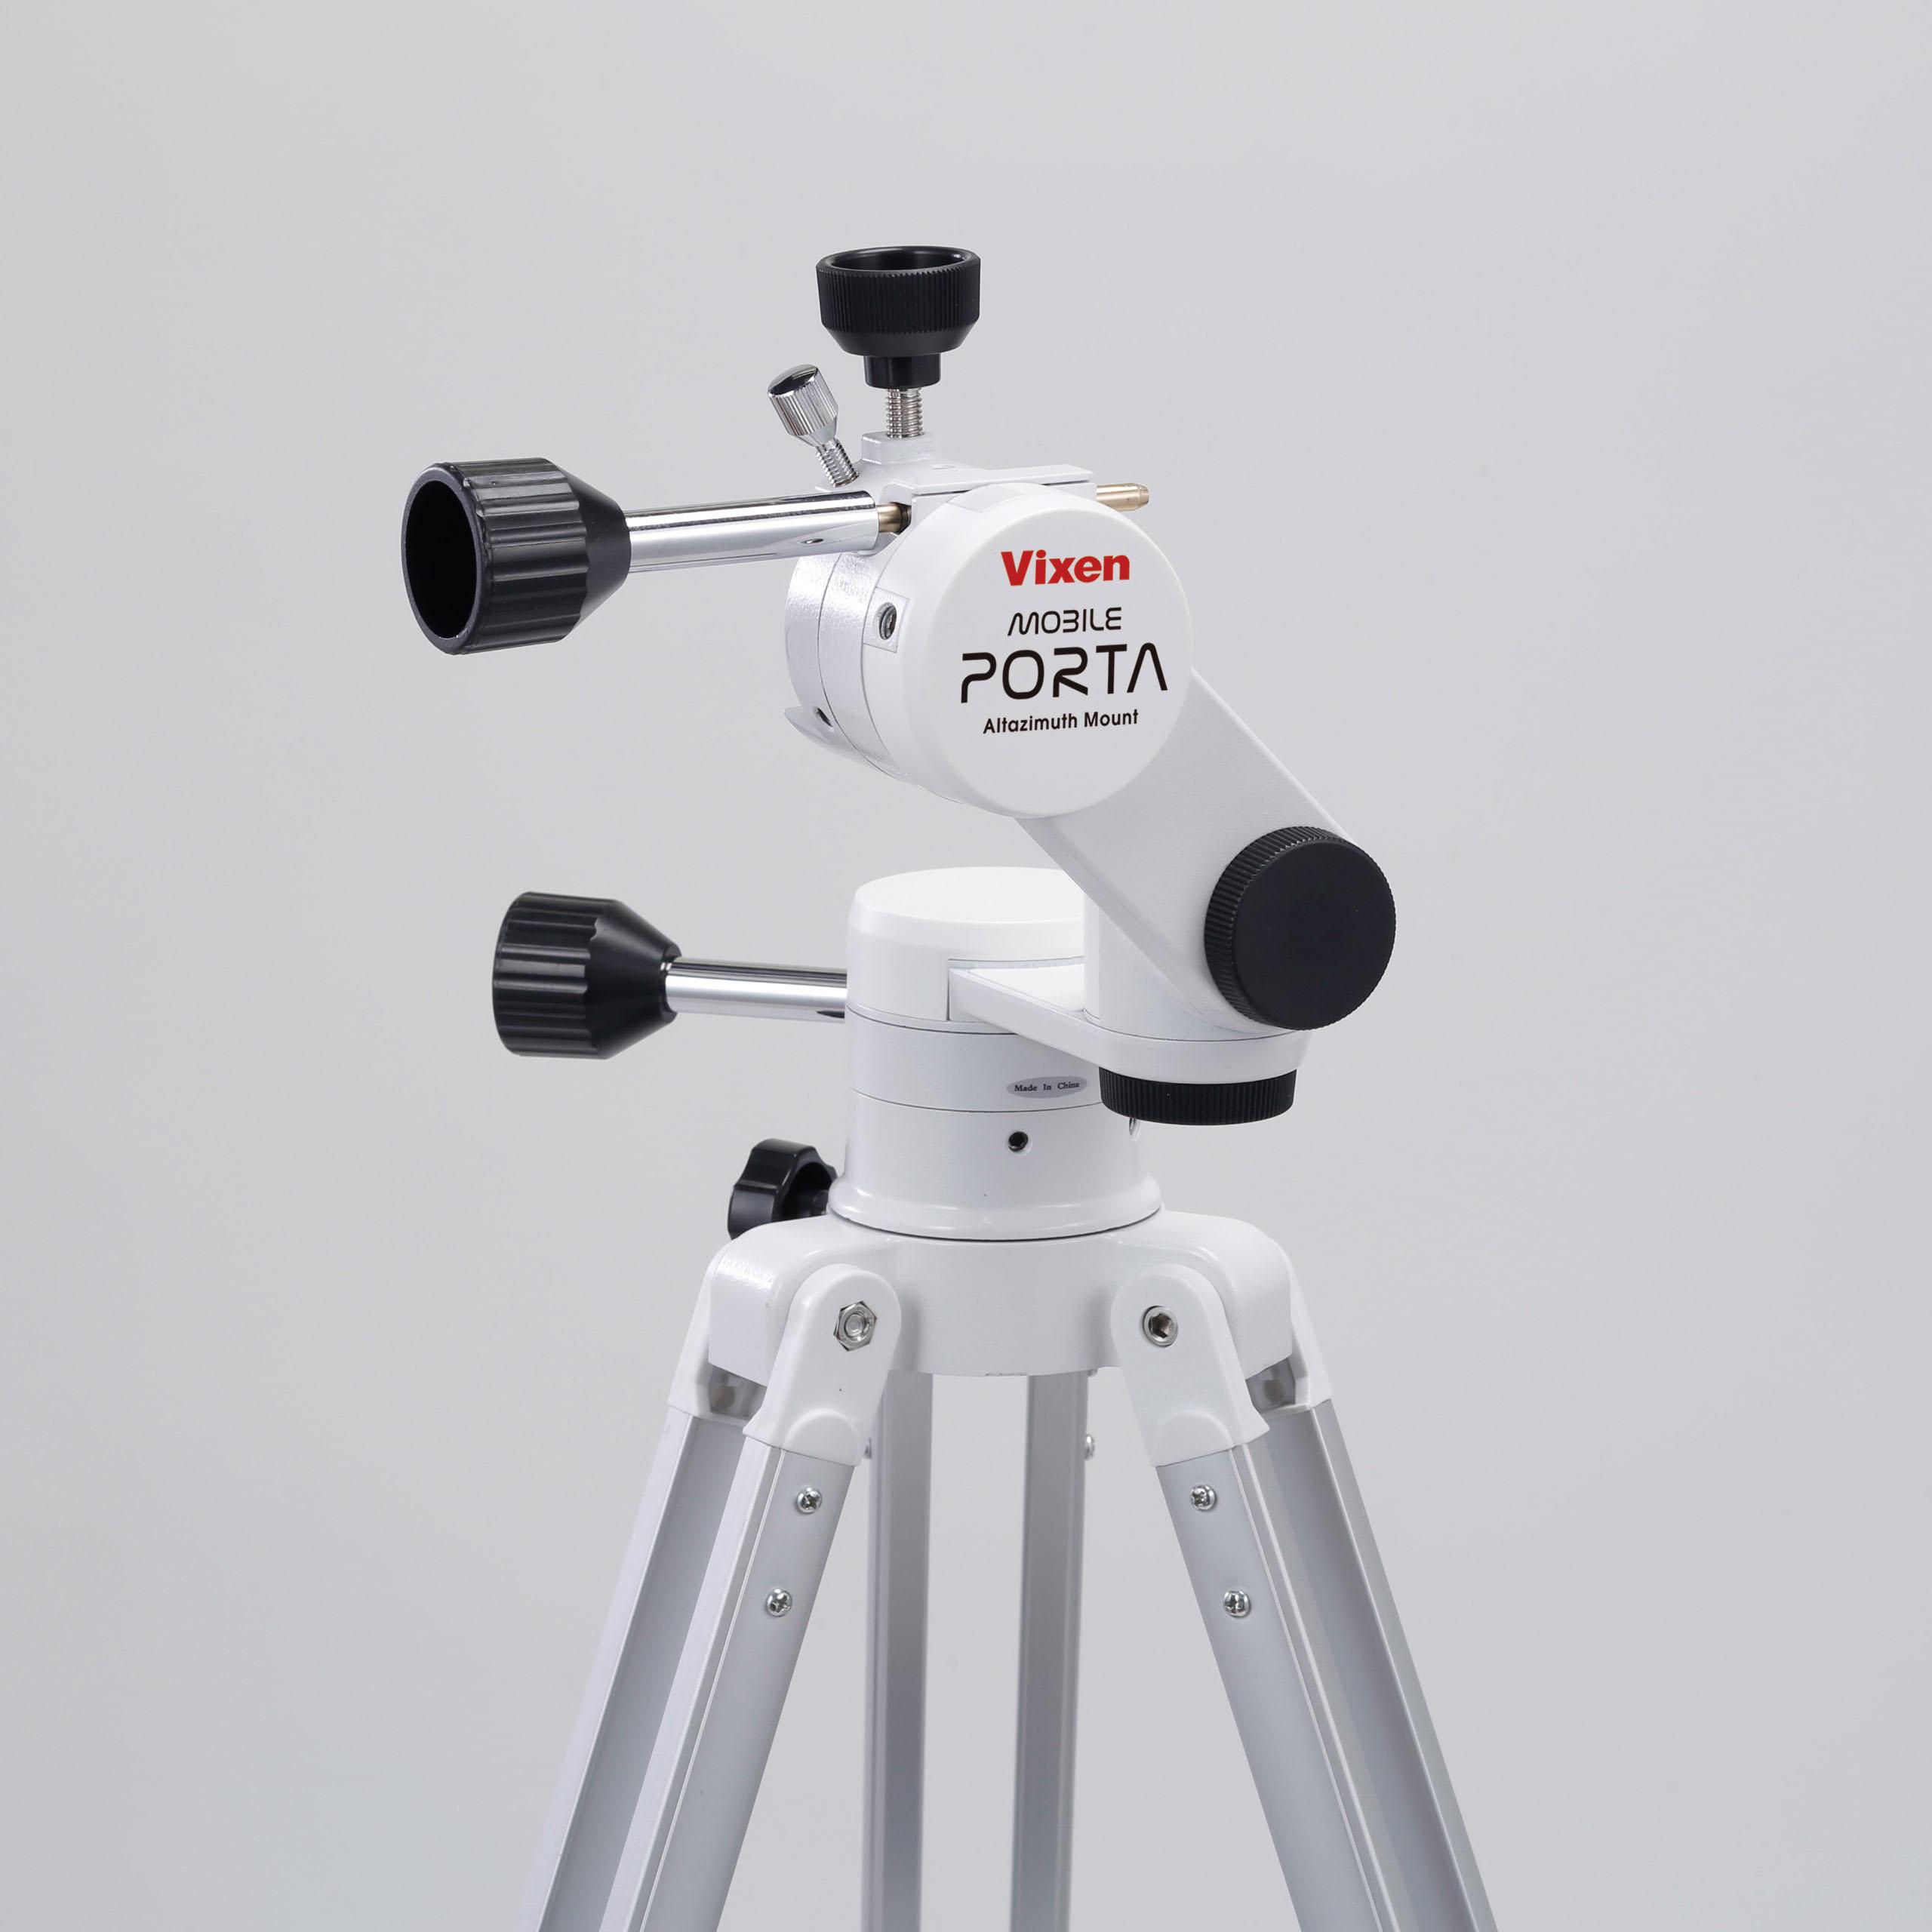 Vixen Mobile Porta Mount - Widescreen Centre